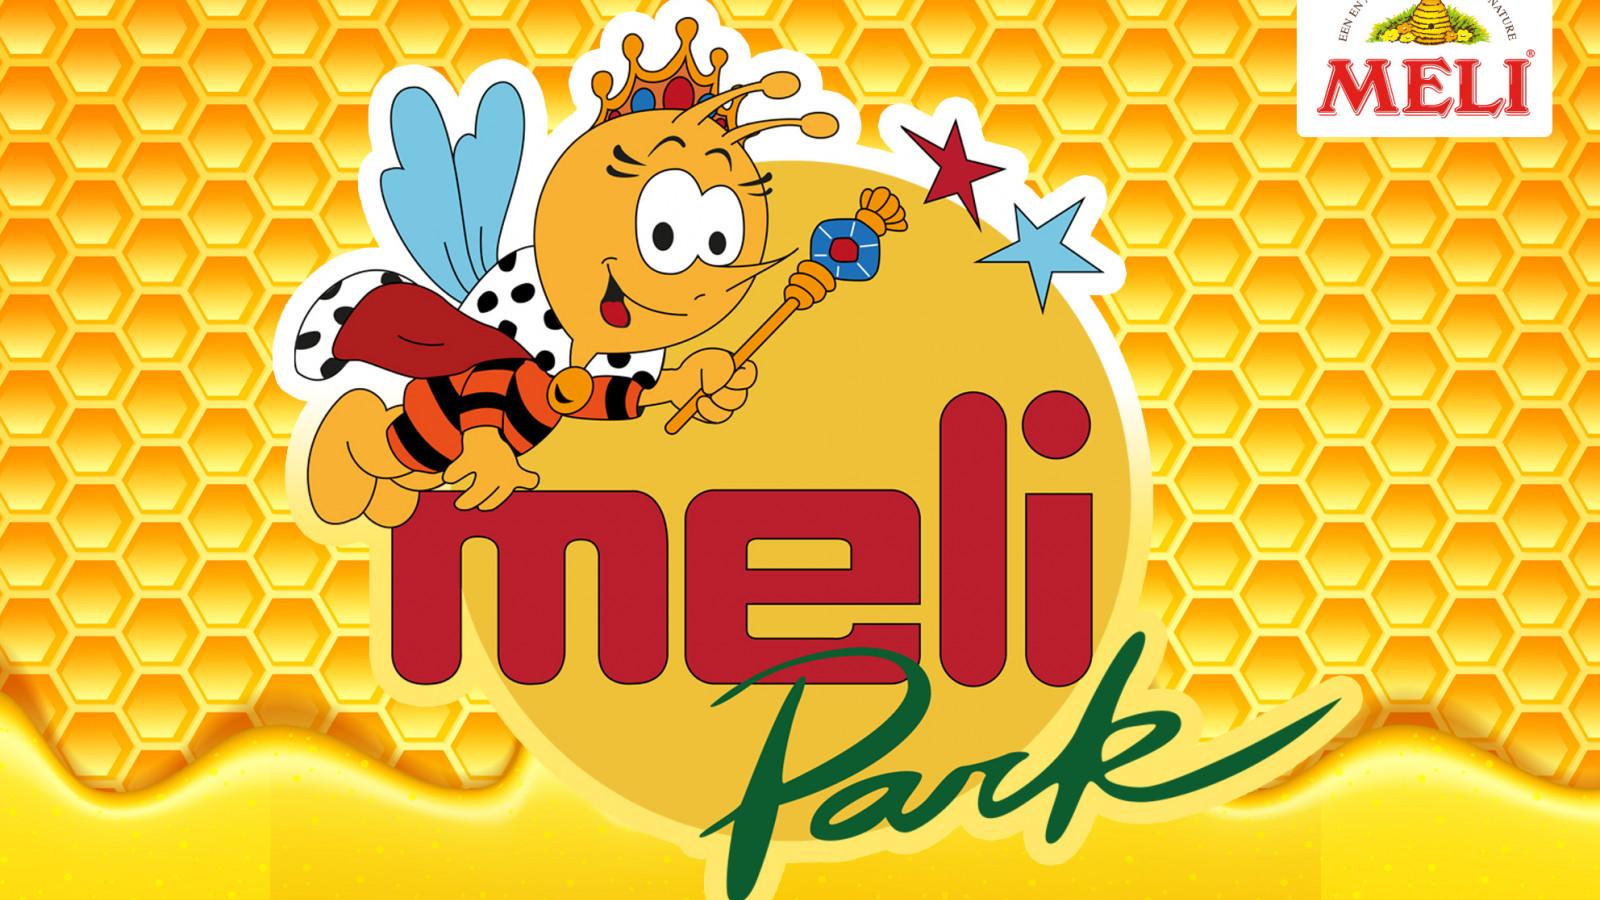 VIDEO : Plopsaland La Panne redevient Meli Park pour 4 jours